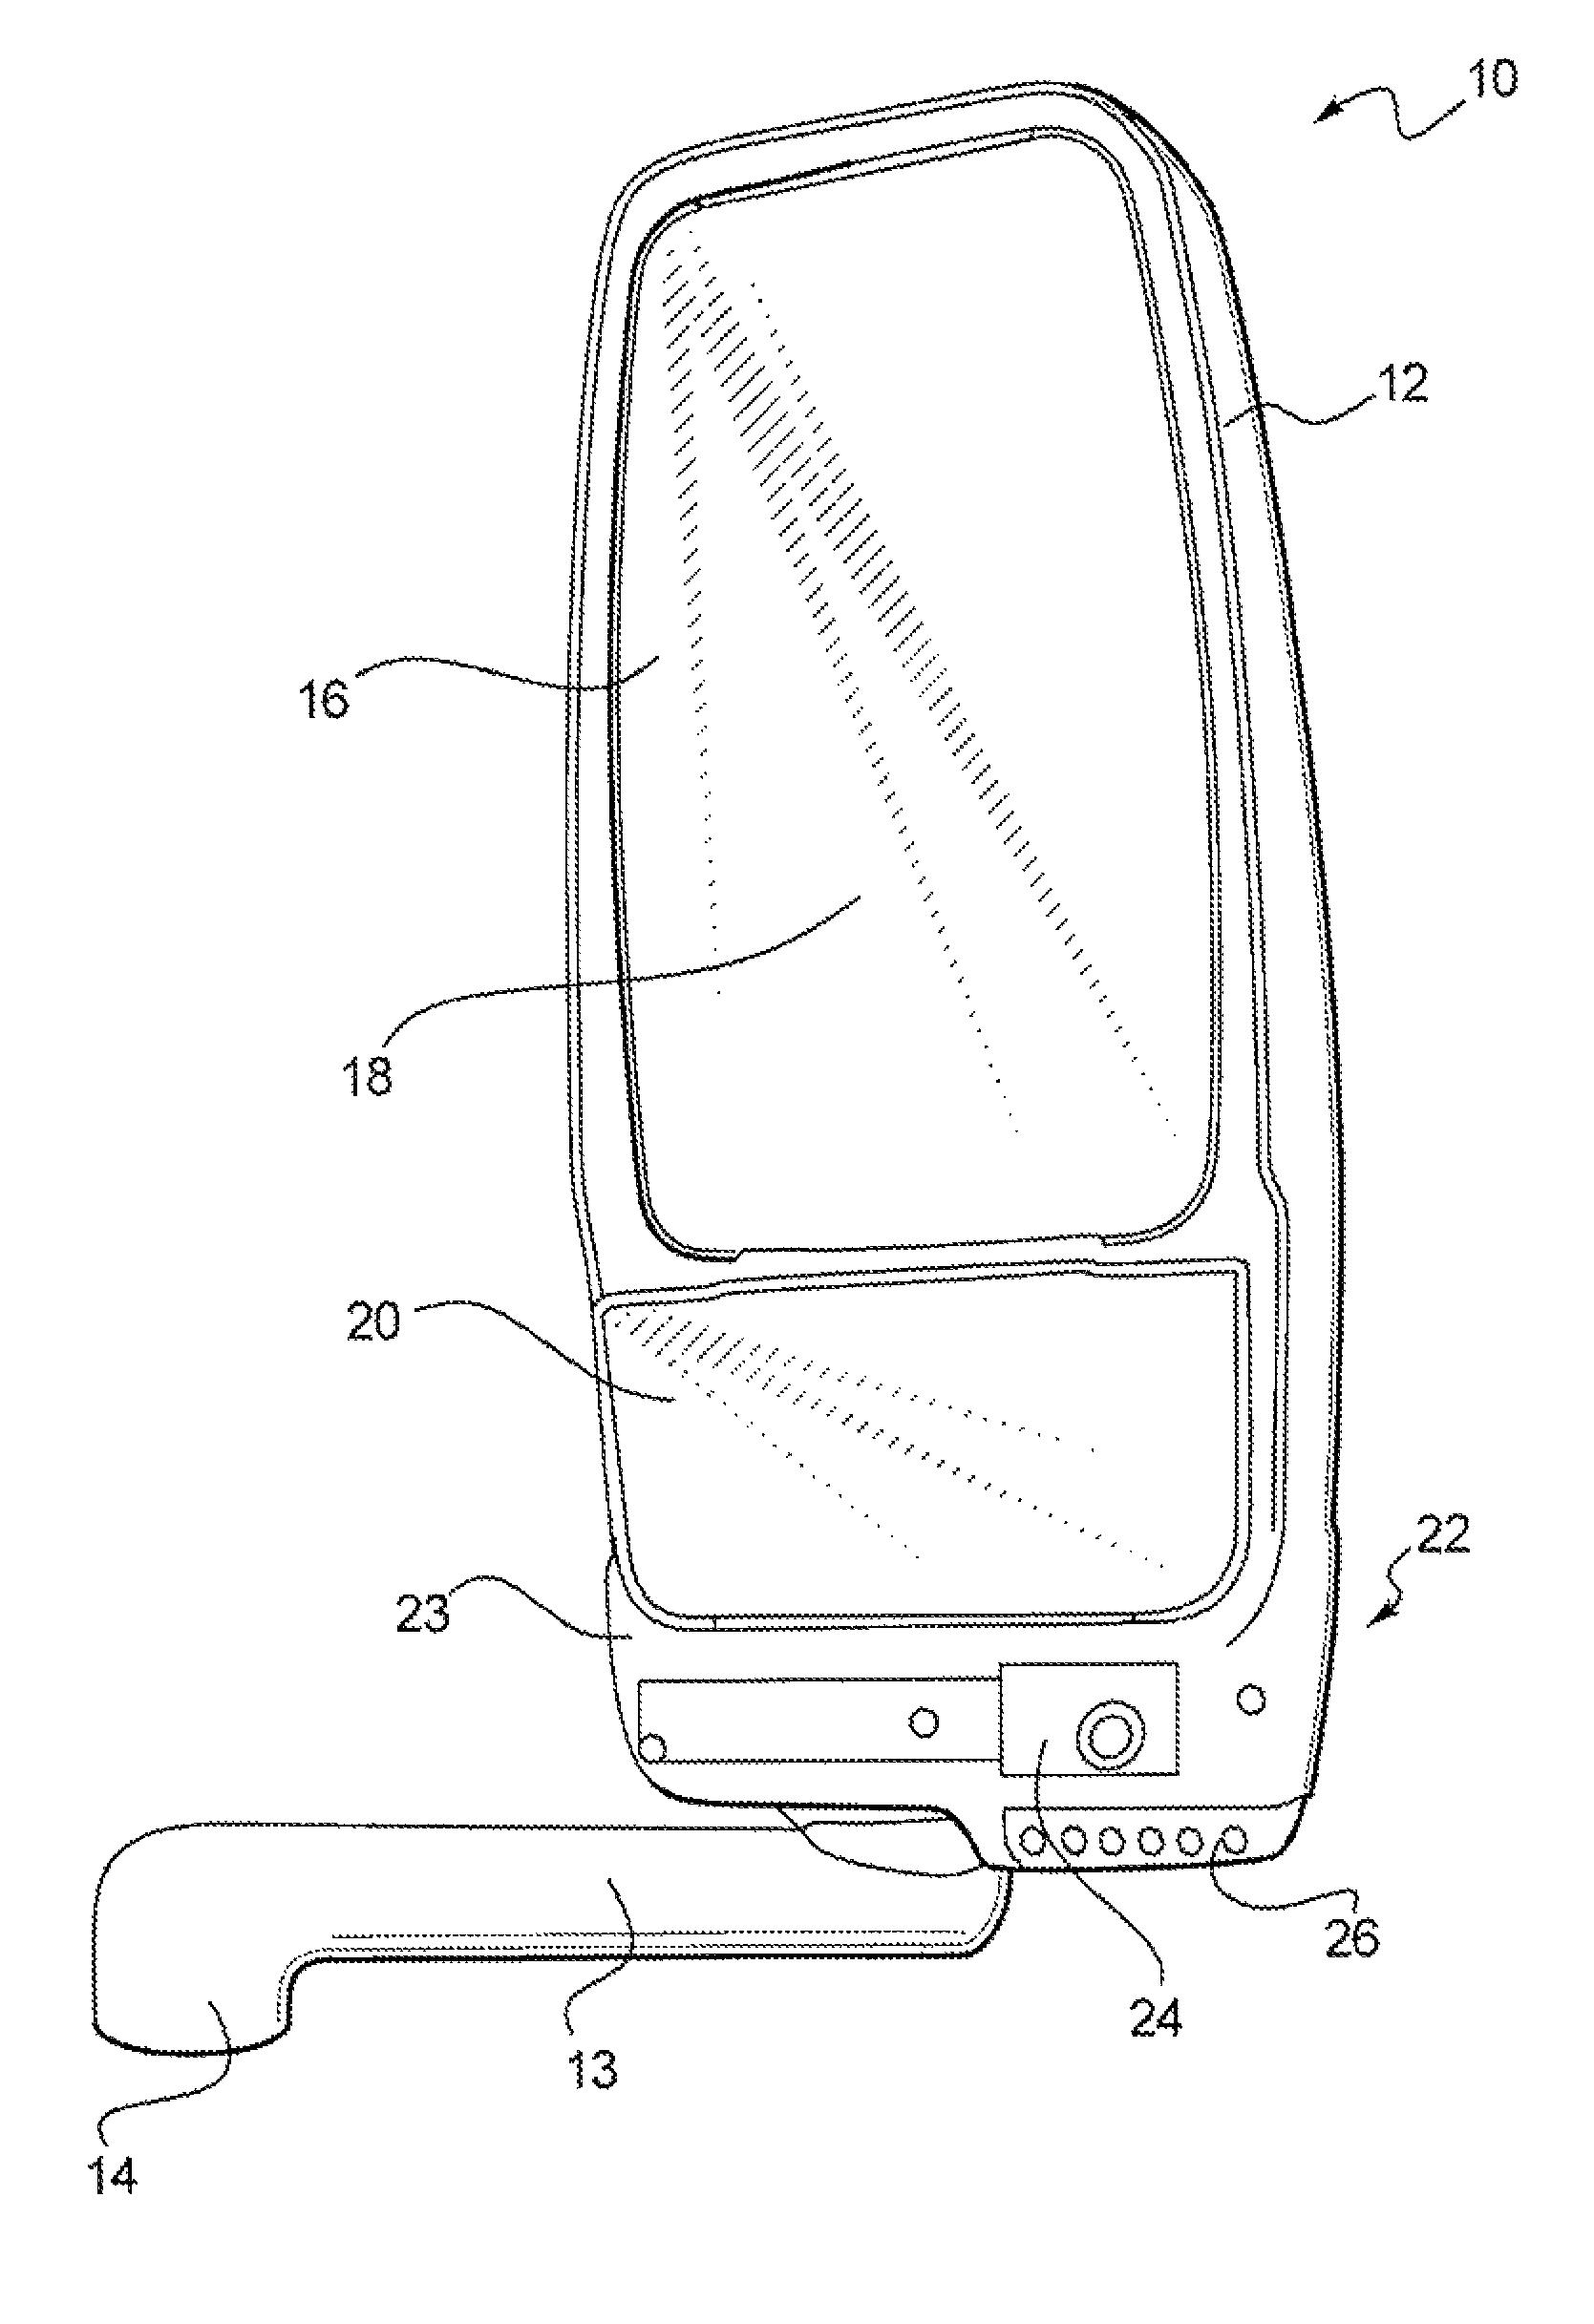 Onan Parts Diagrams